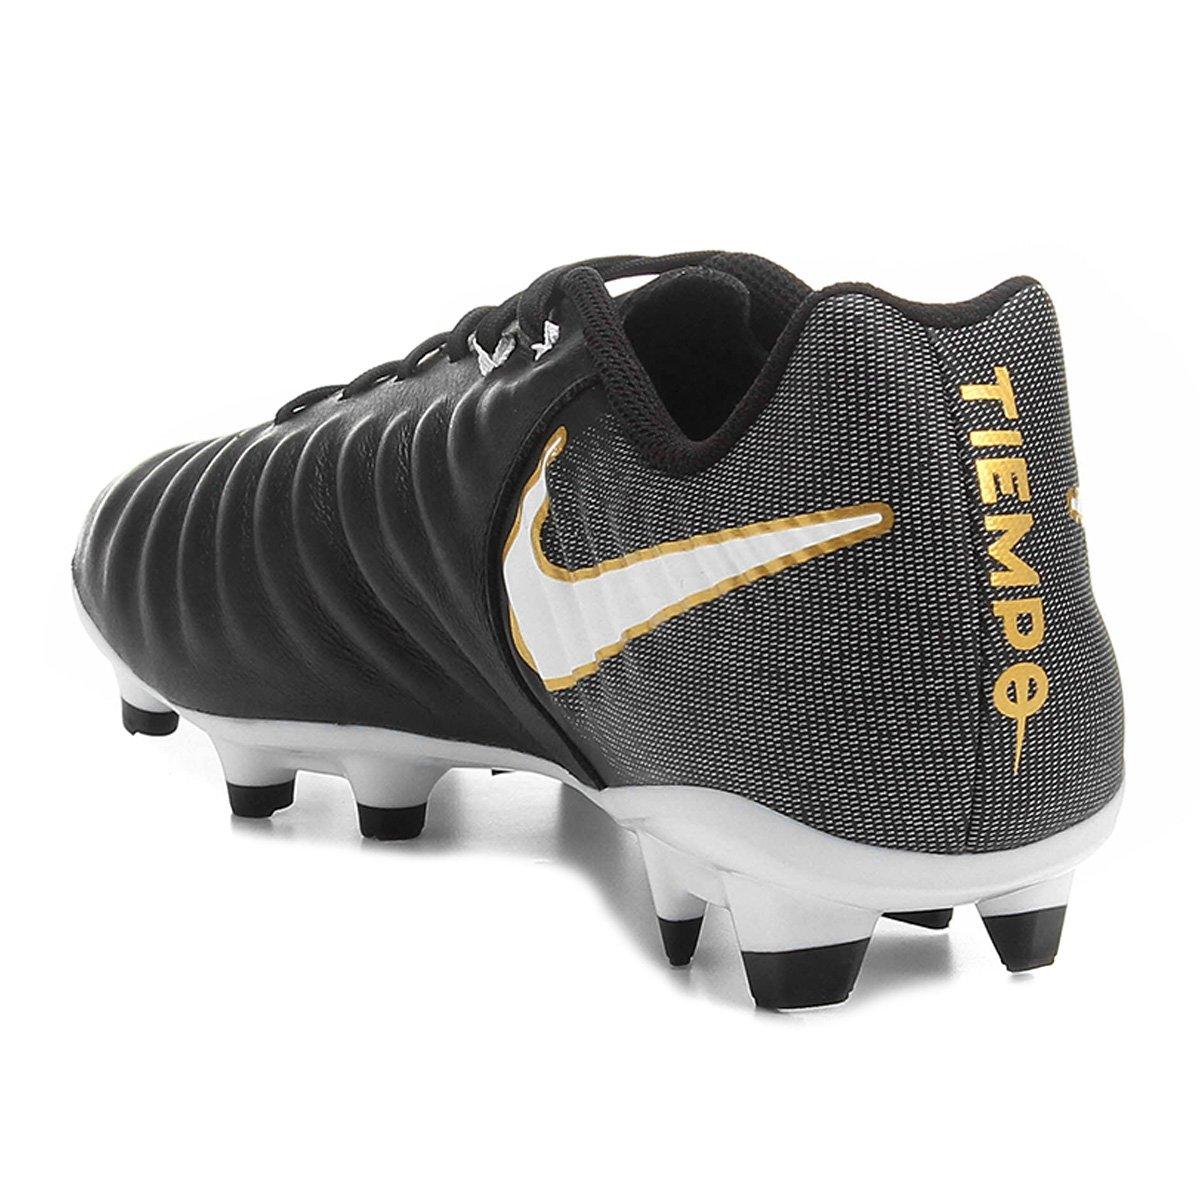 28e9d0c638 Chuteira Campo Nike Tiempo Ligera 4 FG - Preto e Branco - Compre ...